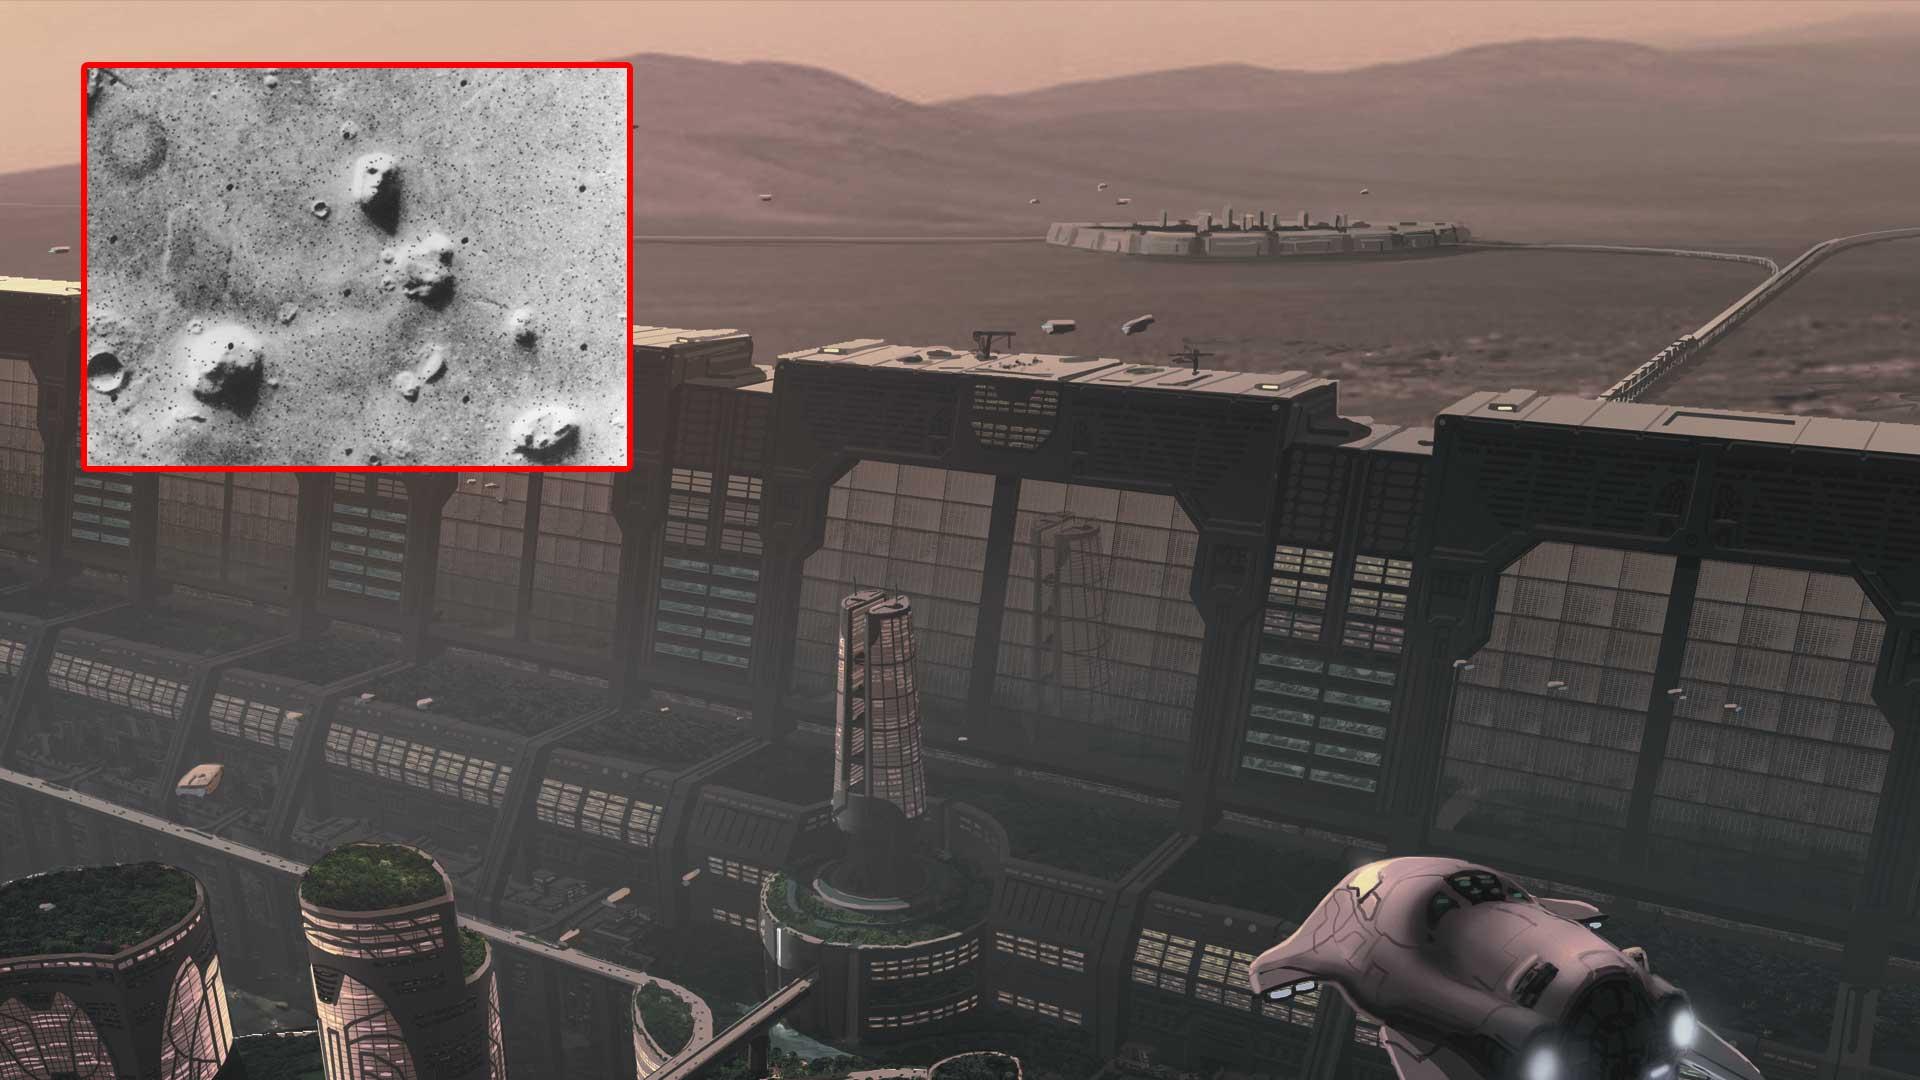 Los científicos concluyen: Una raza tecnológicamente avanzada existió en Marte hace millones de años